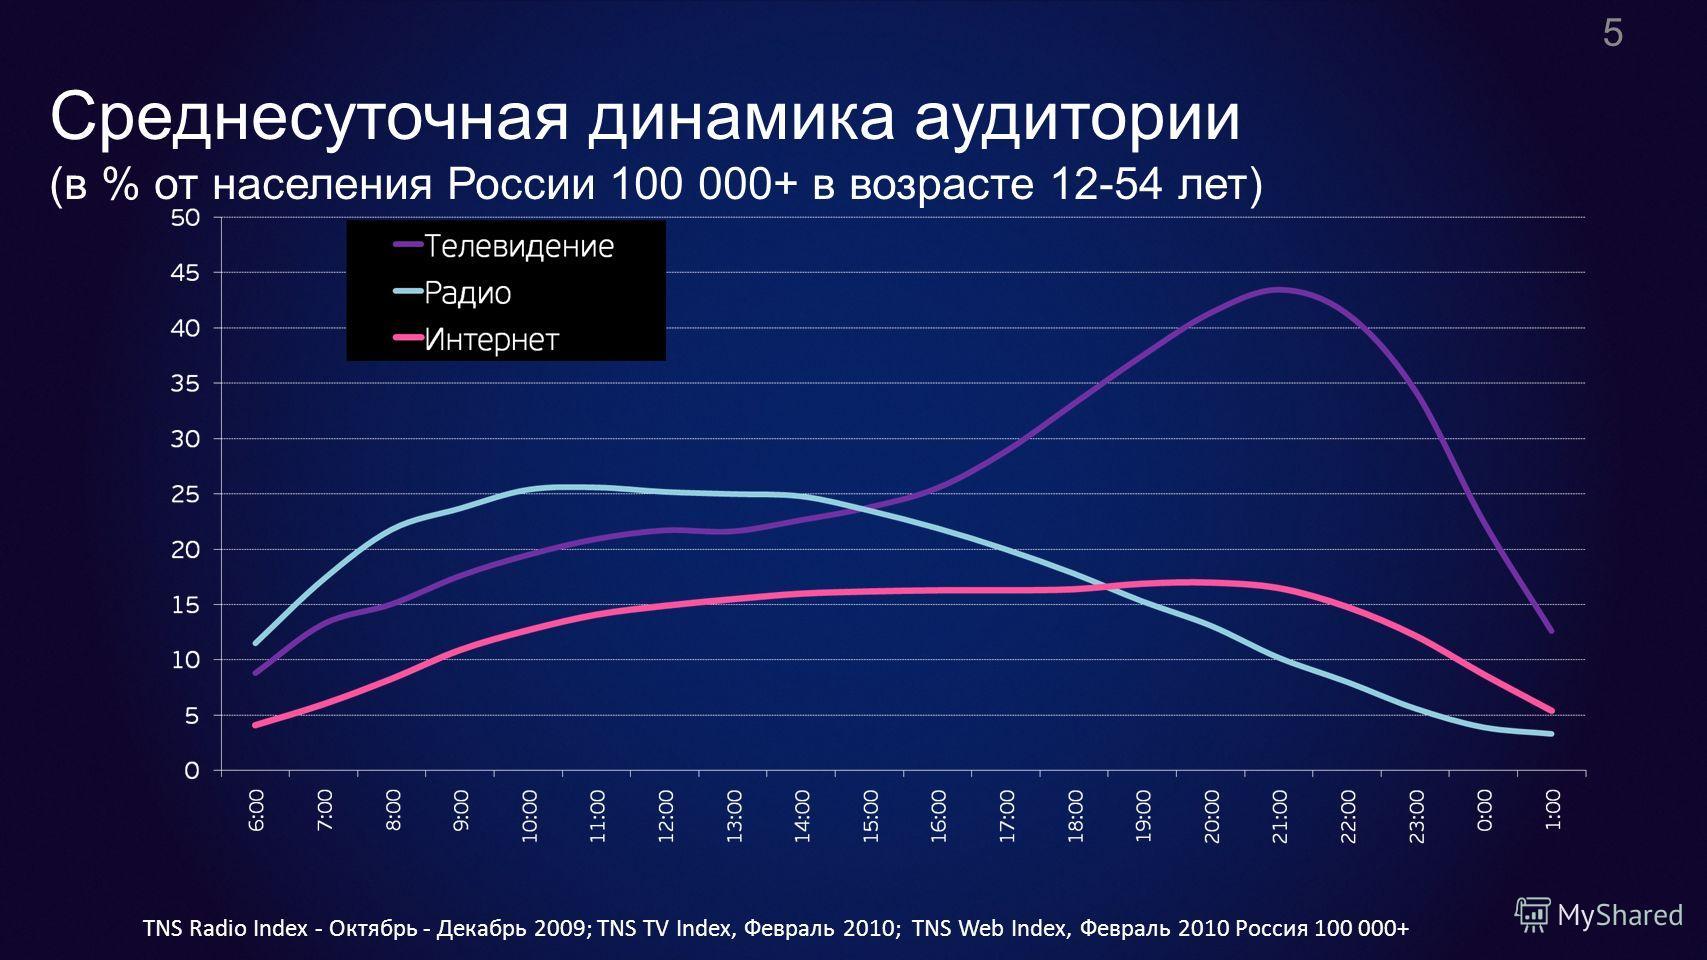 Среднесуточная динамика аудитории (в % от населения России 100 000+ в возрасте 12-54 лет) 5 TNS Radio Index - Октябрь - Декабрь 2009; TNS TV Index, Февраль 2010; TNS Web Index, Февраль 2010 Россия 100 000+